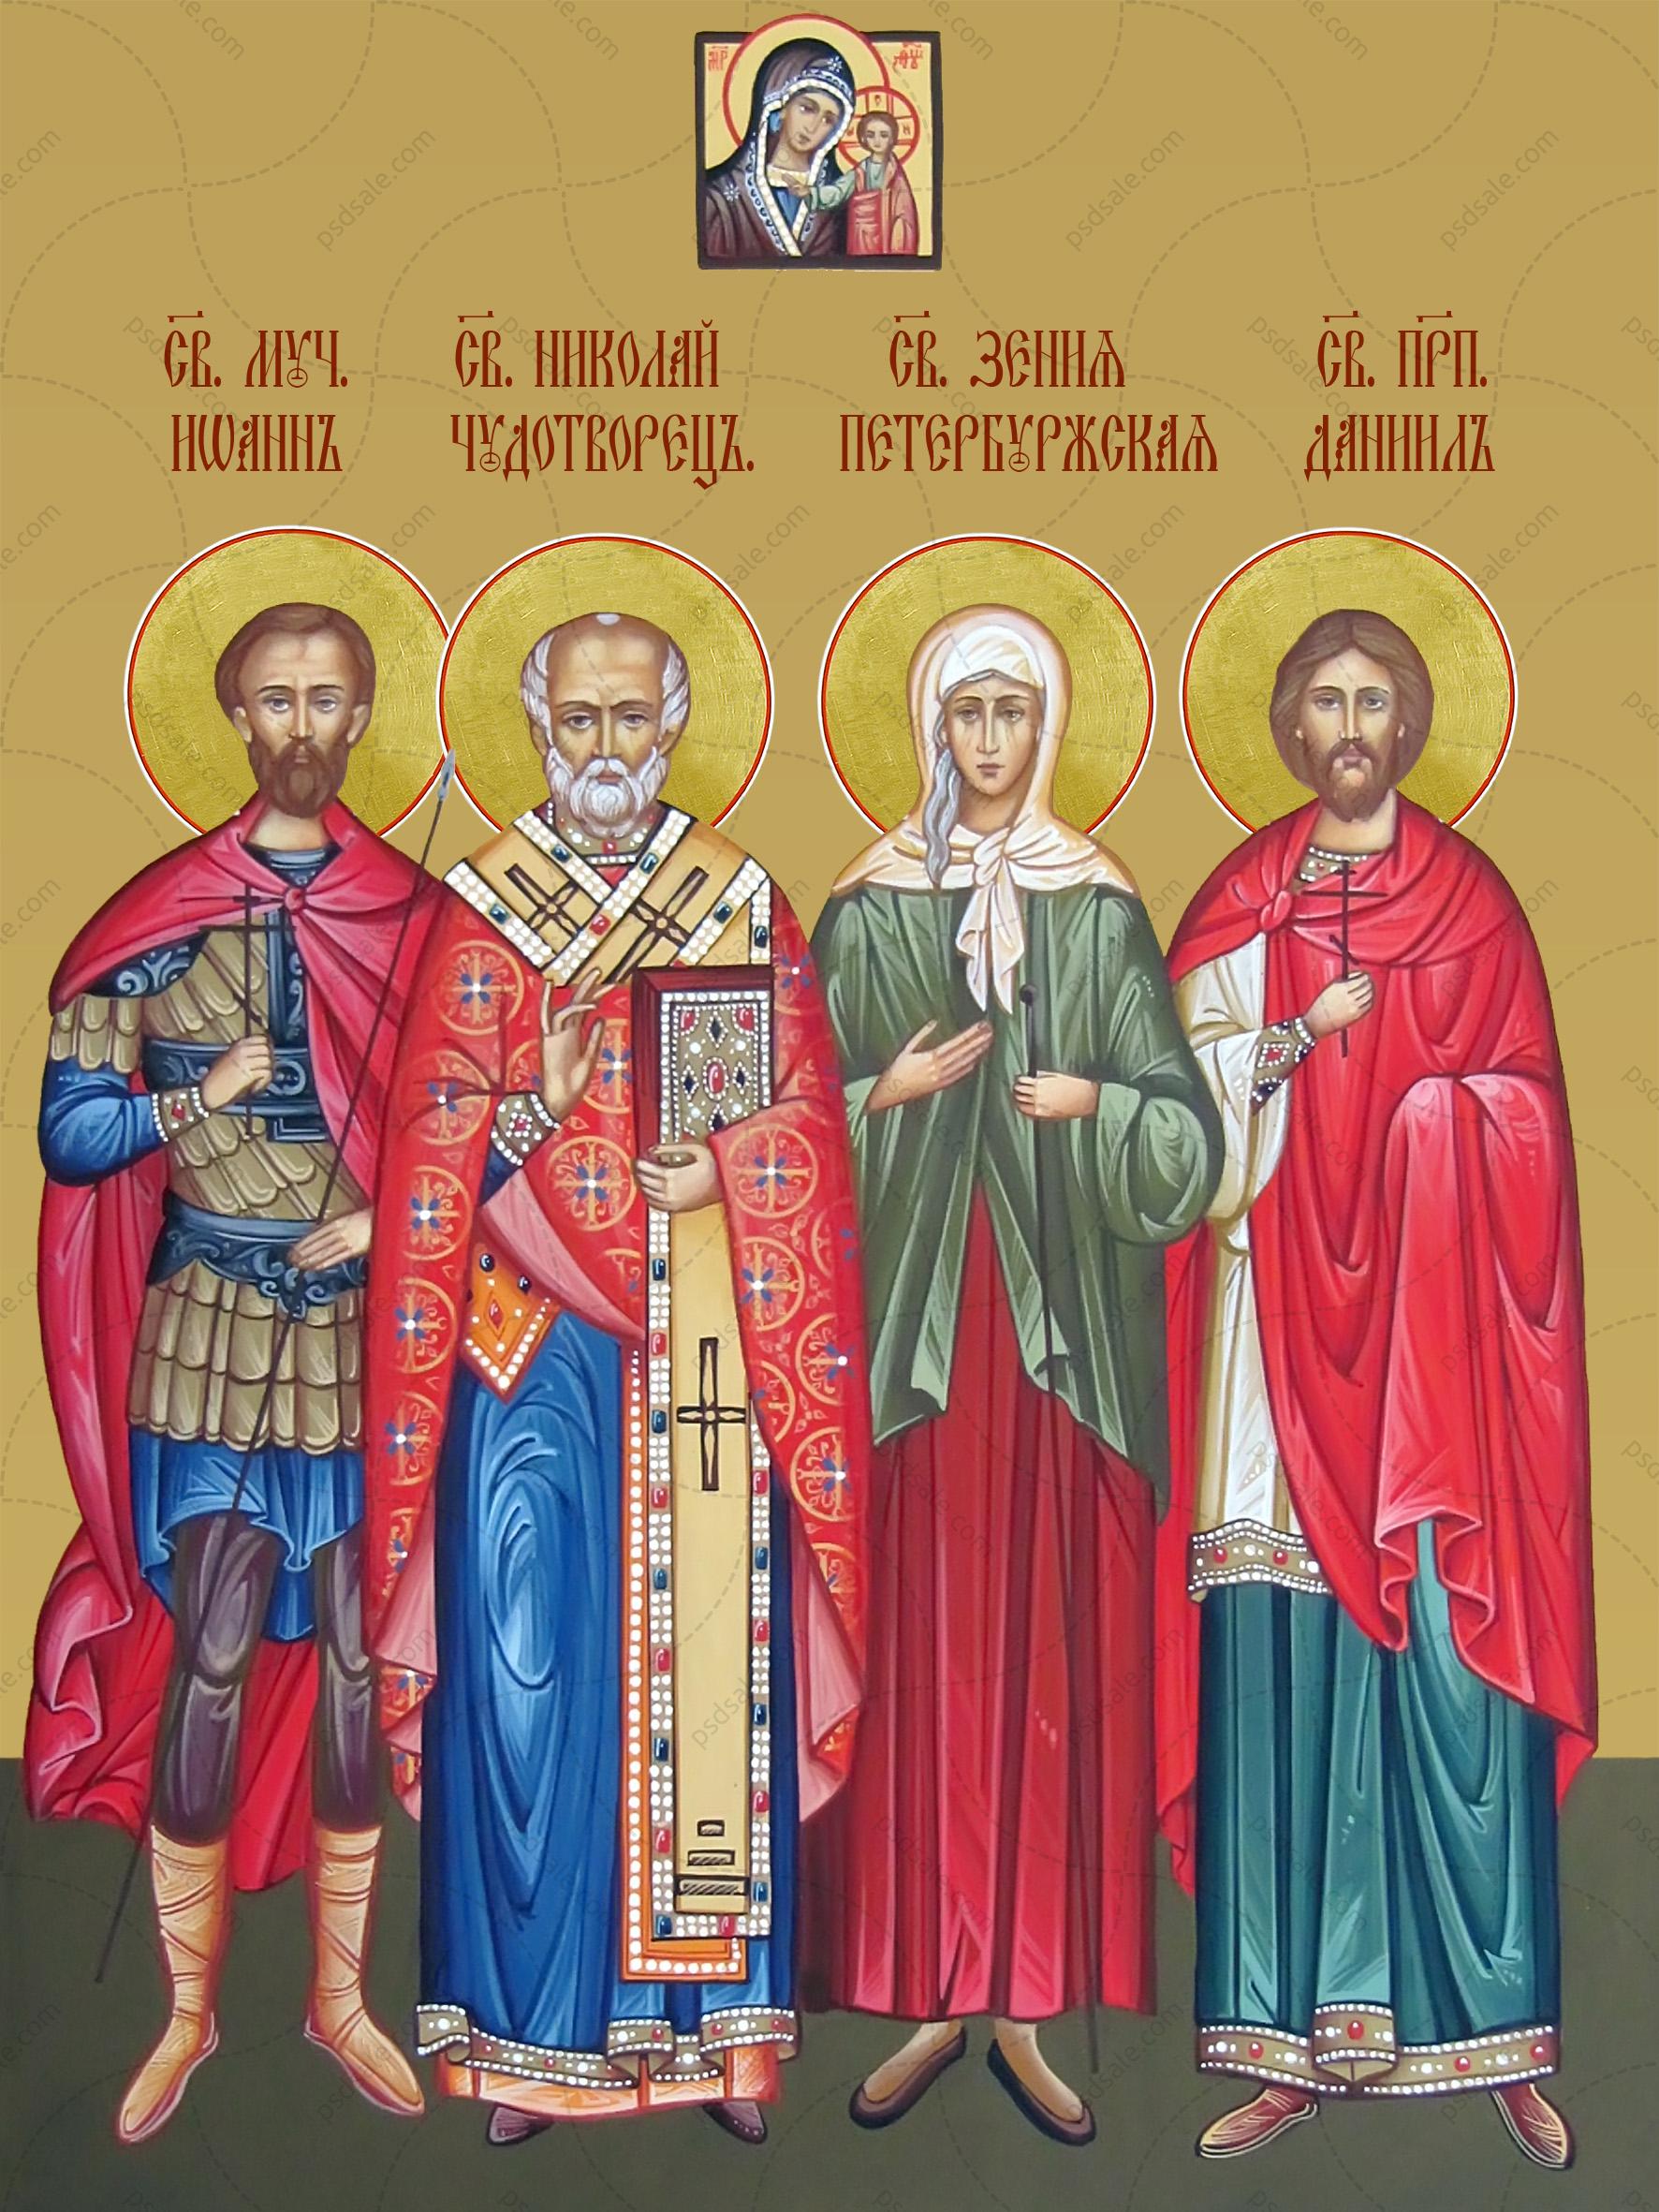 Иоанн, Николай, Ксения и Даниил